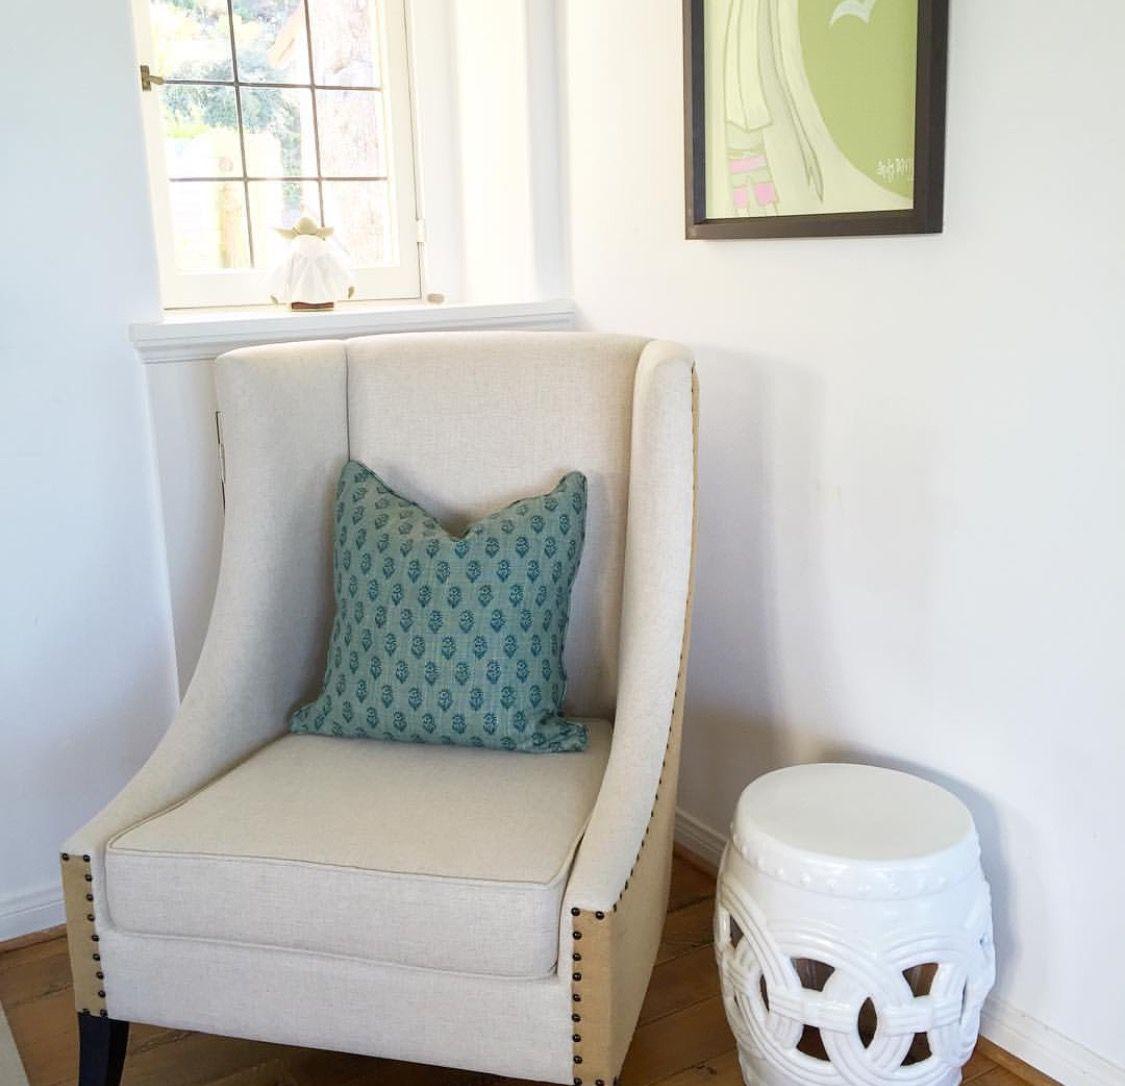 Awesome Peter Dunham Rajmata Tonal Blue/blue Pillow, Noir Chair, Wisteria Garden  Stool By